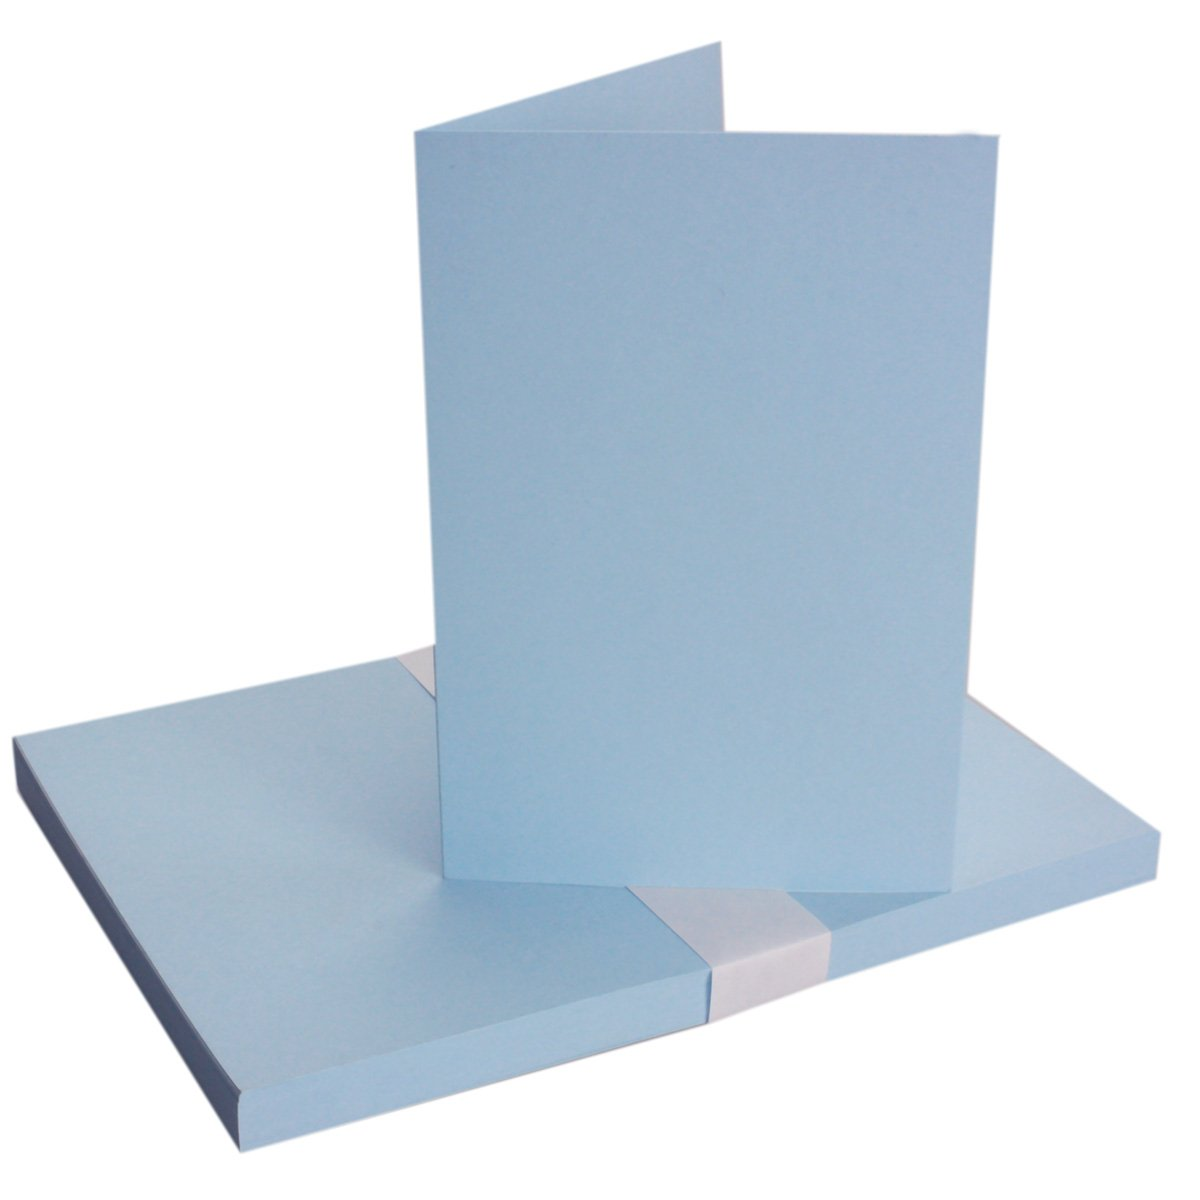 formato DIN A6 con buste in formato DIN C6 dotate di bordo da inumidire Set/di cartoncini pieghevoli senza scatola 40 Karten-Sets Hellblau